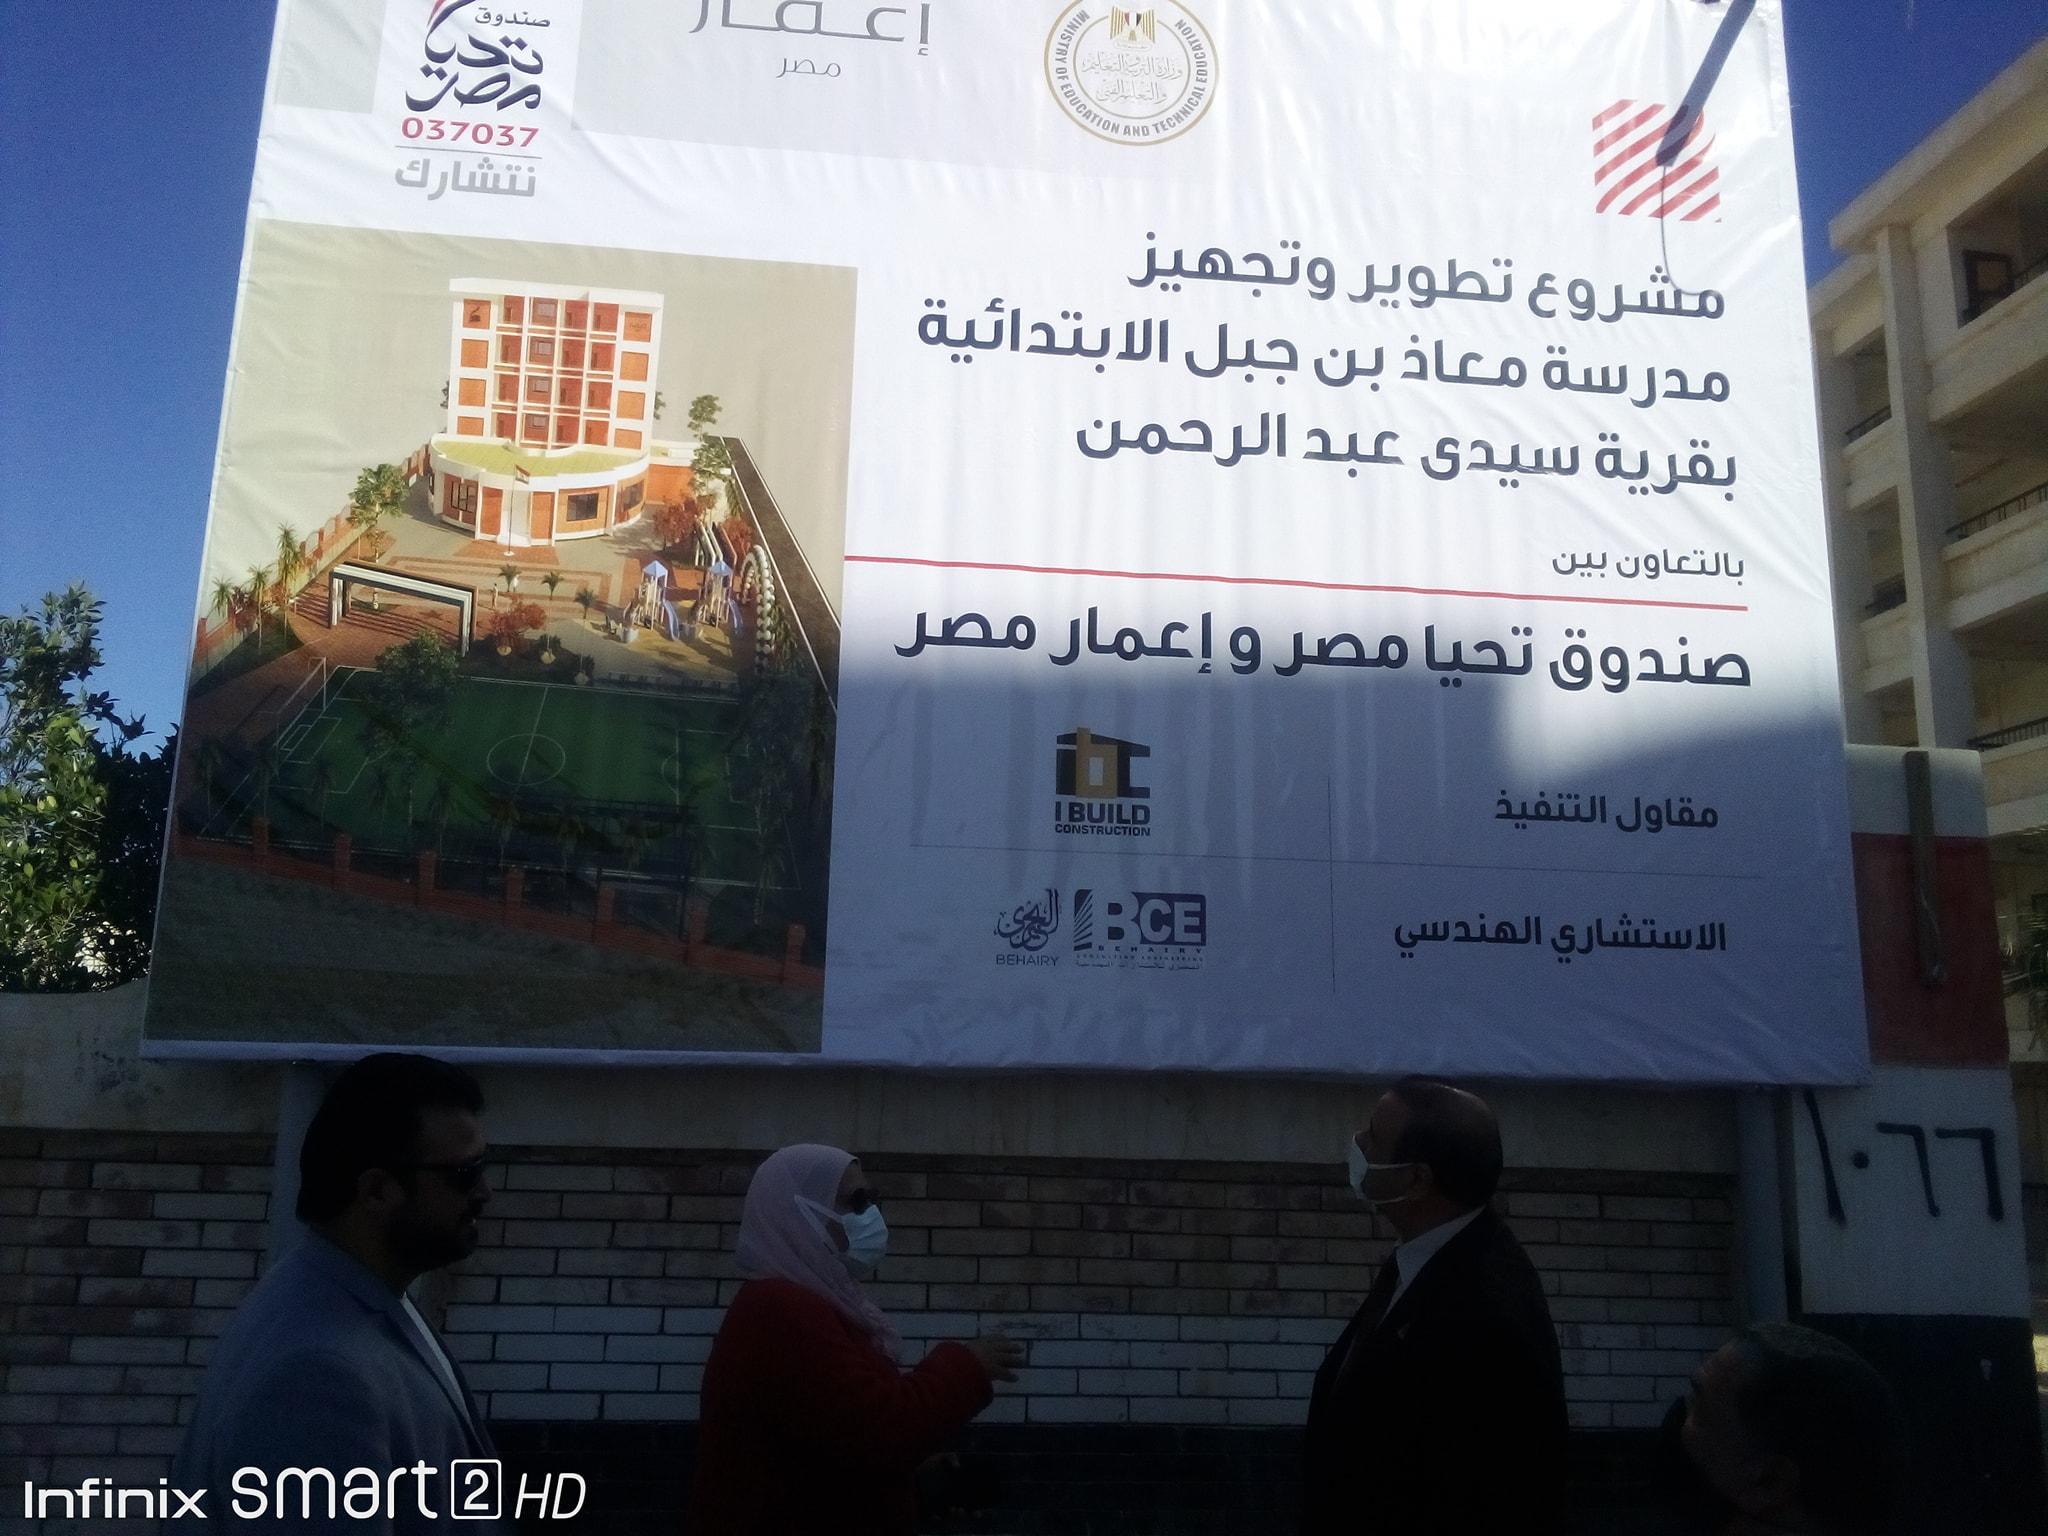 """صندوق تحيا مصر يتعاون مع محافظة مطروح لرفع كفاءة مدرستين""""صور"""""""